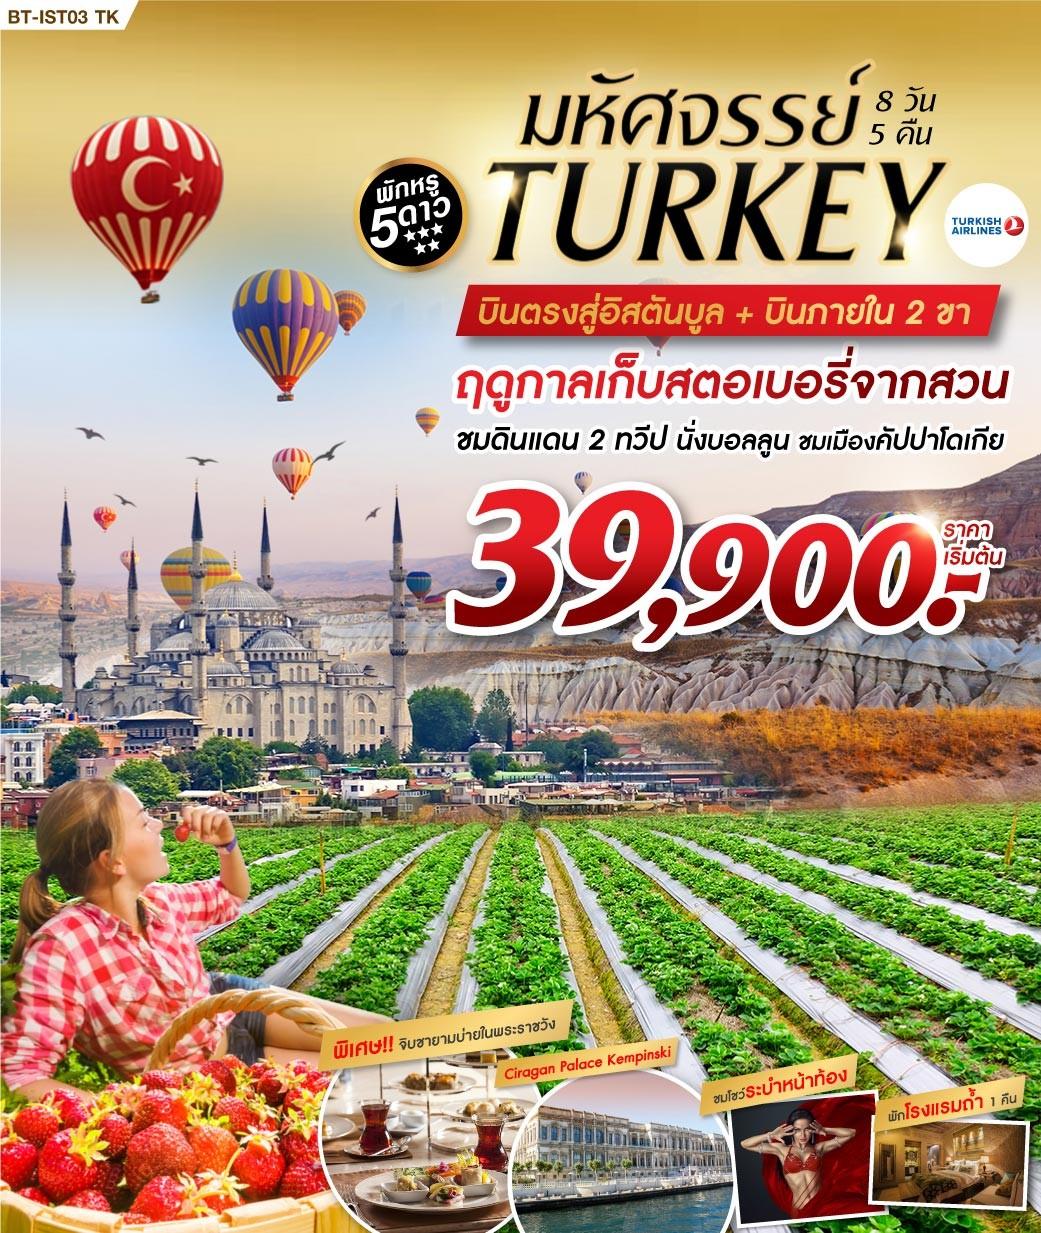 ทัวร์ตุรกี-มหัศจรรย์-ตุรกี-บินภายใน-ฤดูกาลเก็บสตรอเบอรี่-8D5N-(AUG-NOV19)(TK)(BT-IST03_TK)